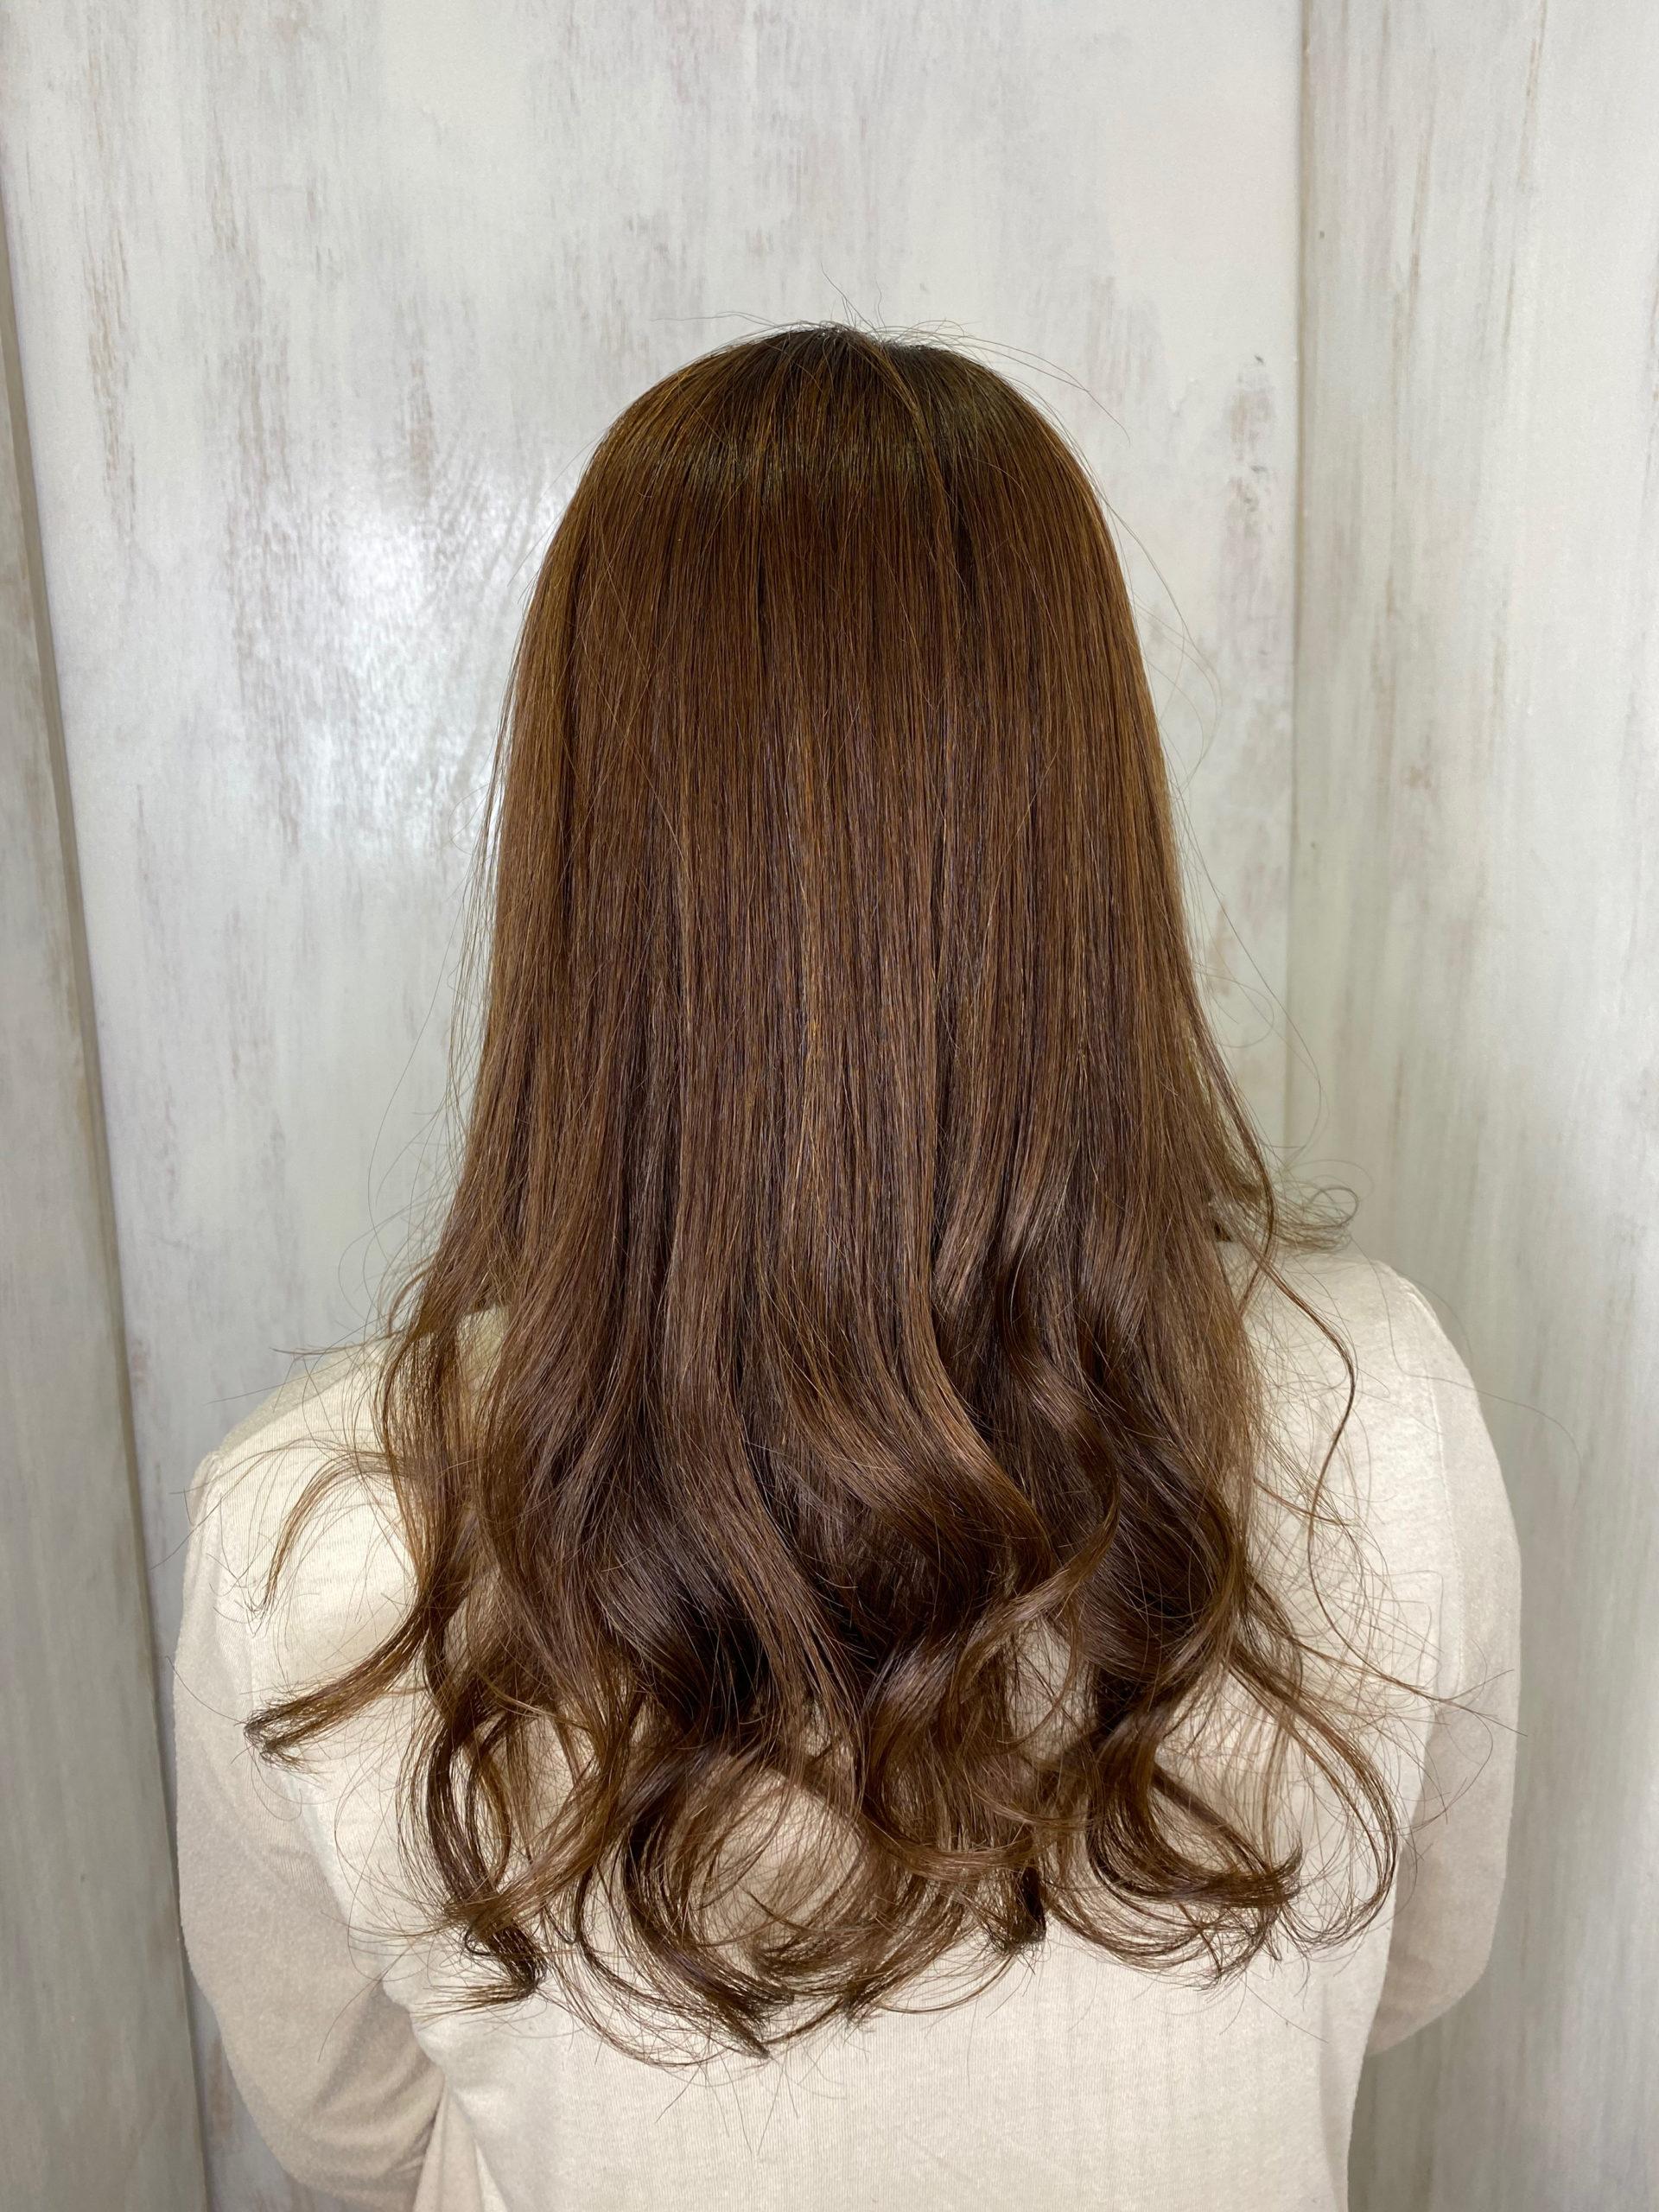 ジュエリーシステム×LULUトリートメント×縮毛矯正で艶髪。原宿・表参道『髪のお悩みを解決するヘアケア美容師の挑戦』